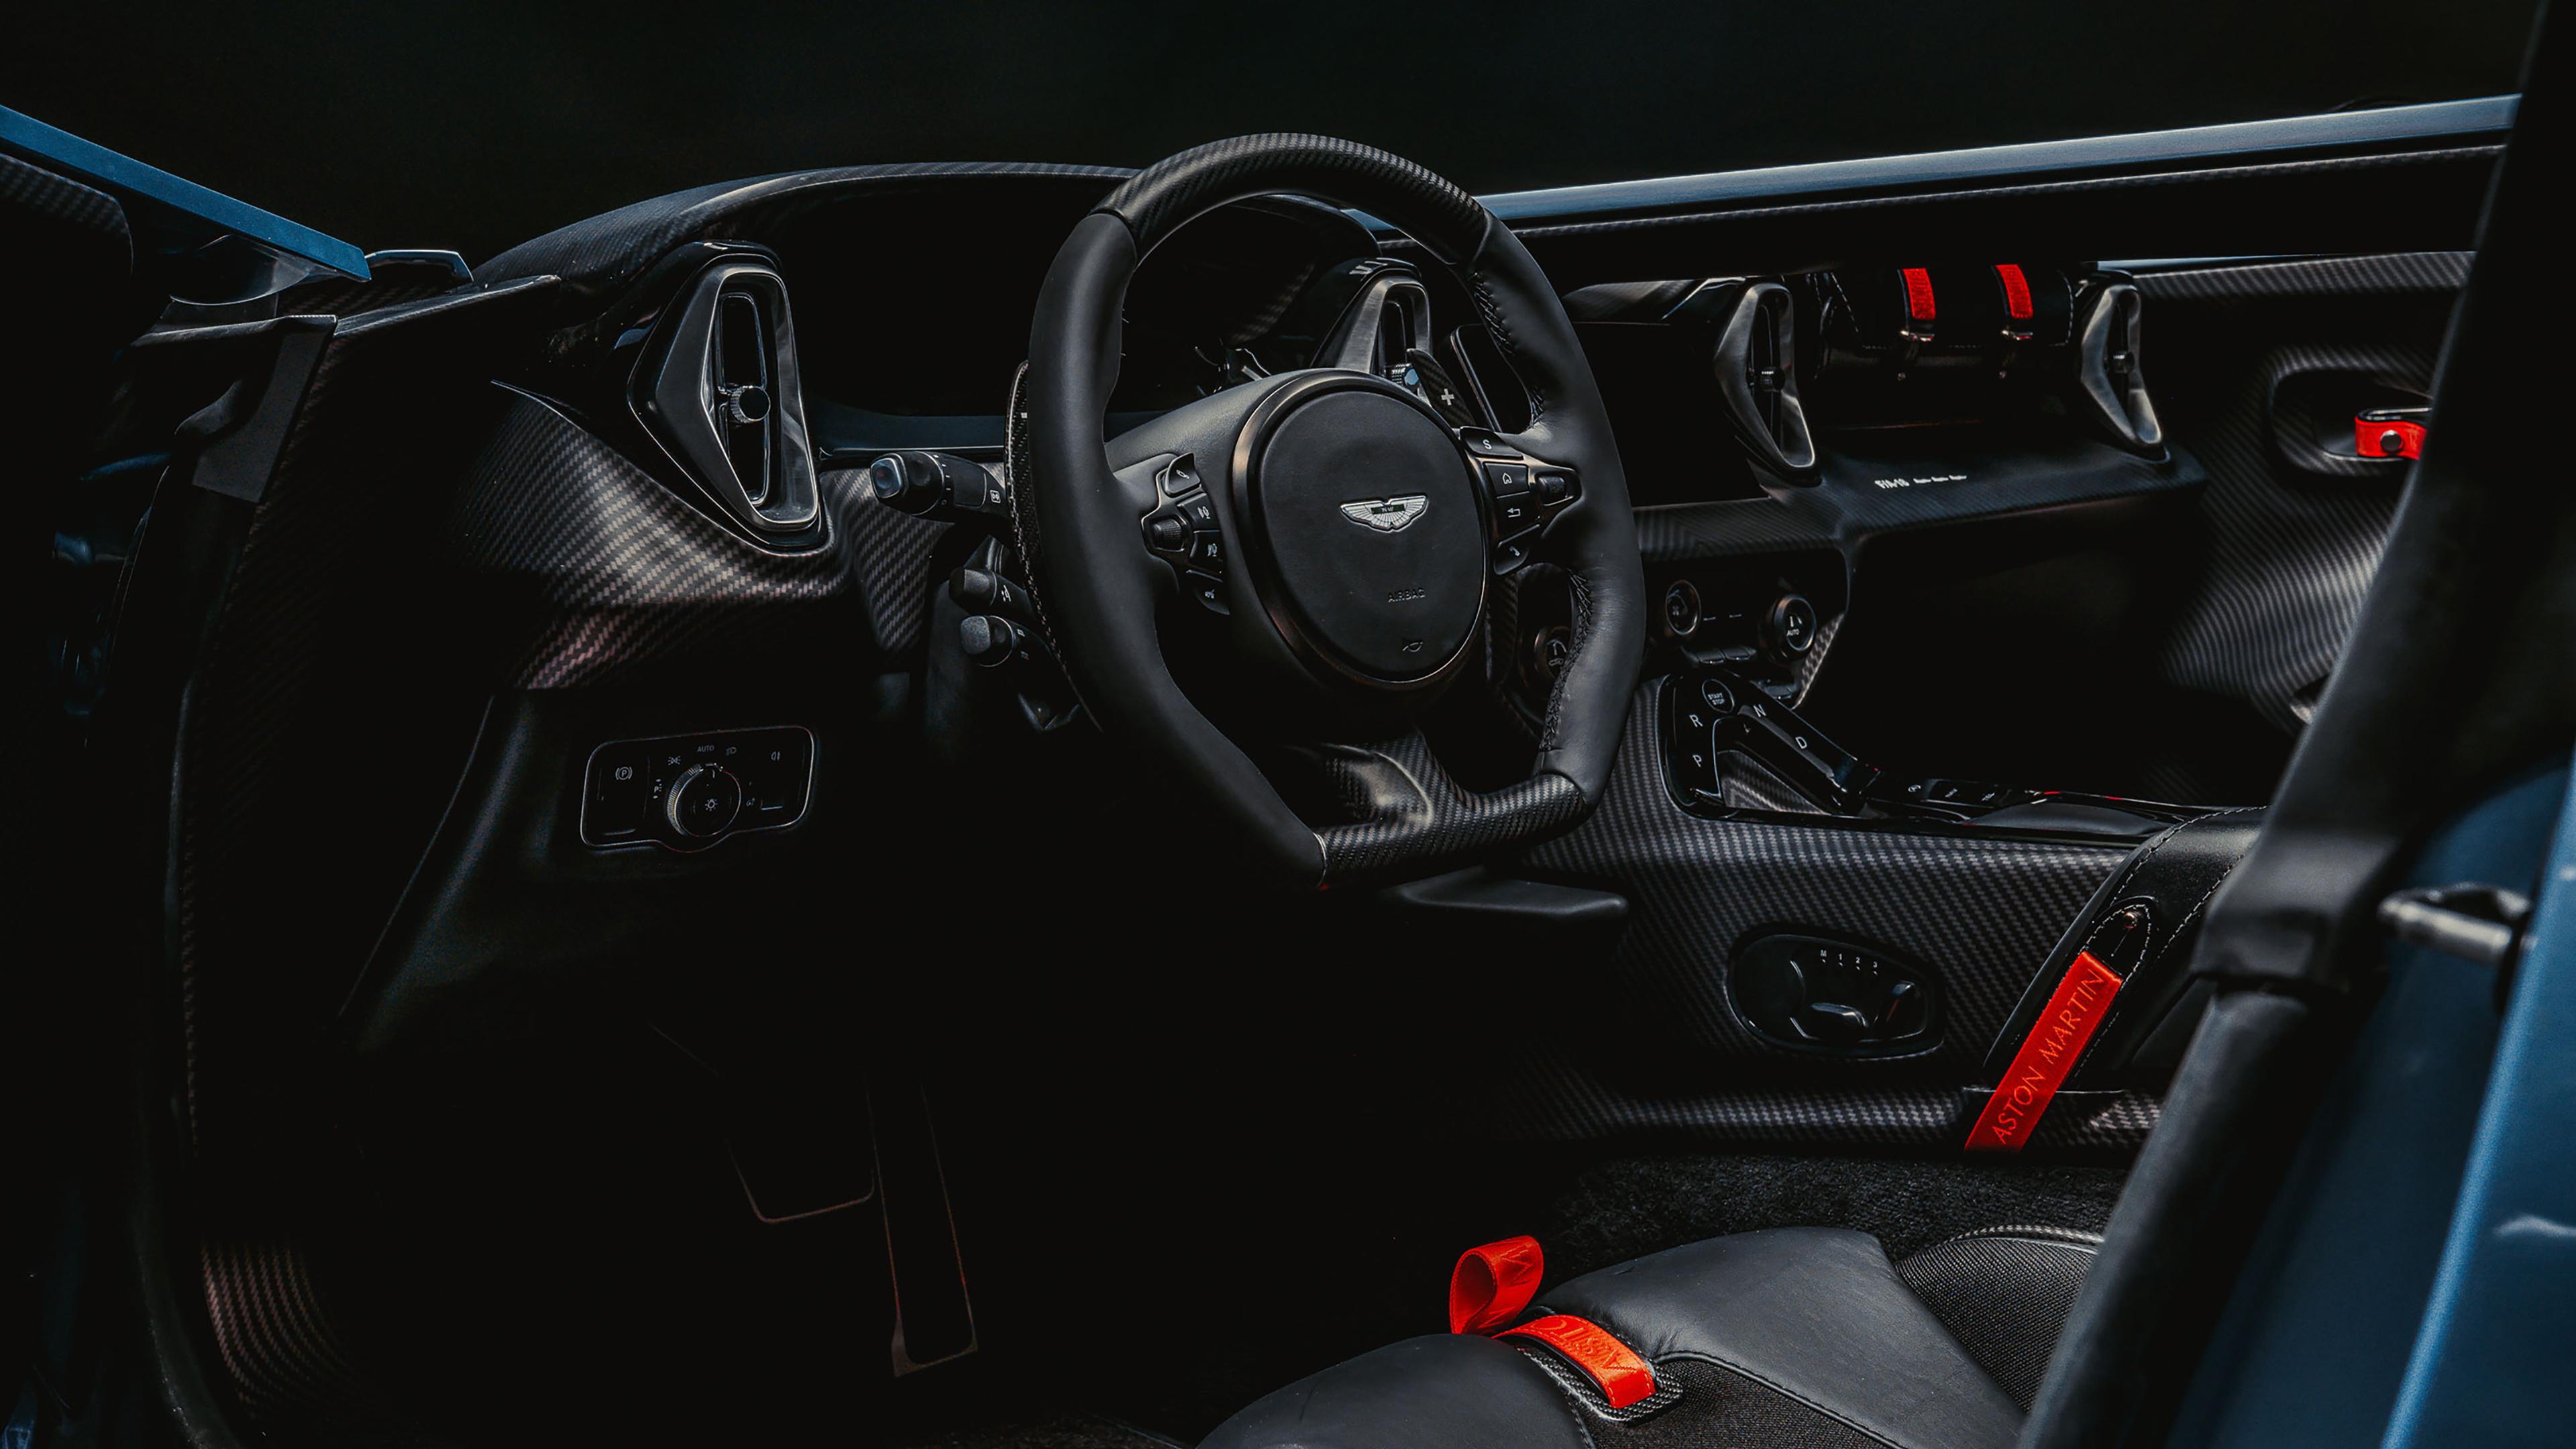 Aston Martin V12 Speedster 2020 Interior Wallpaper Hd Car Wallpapers Id 14562